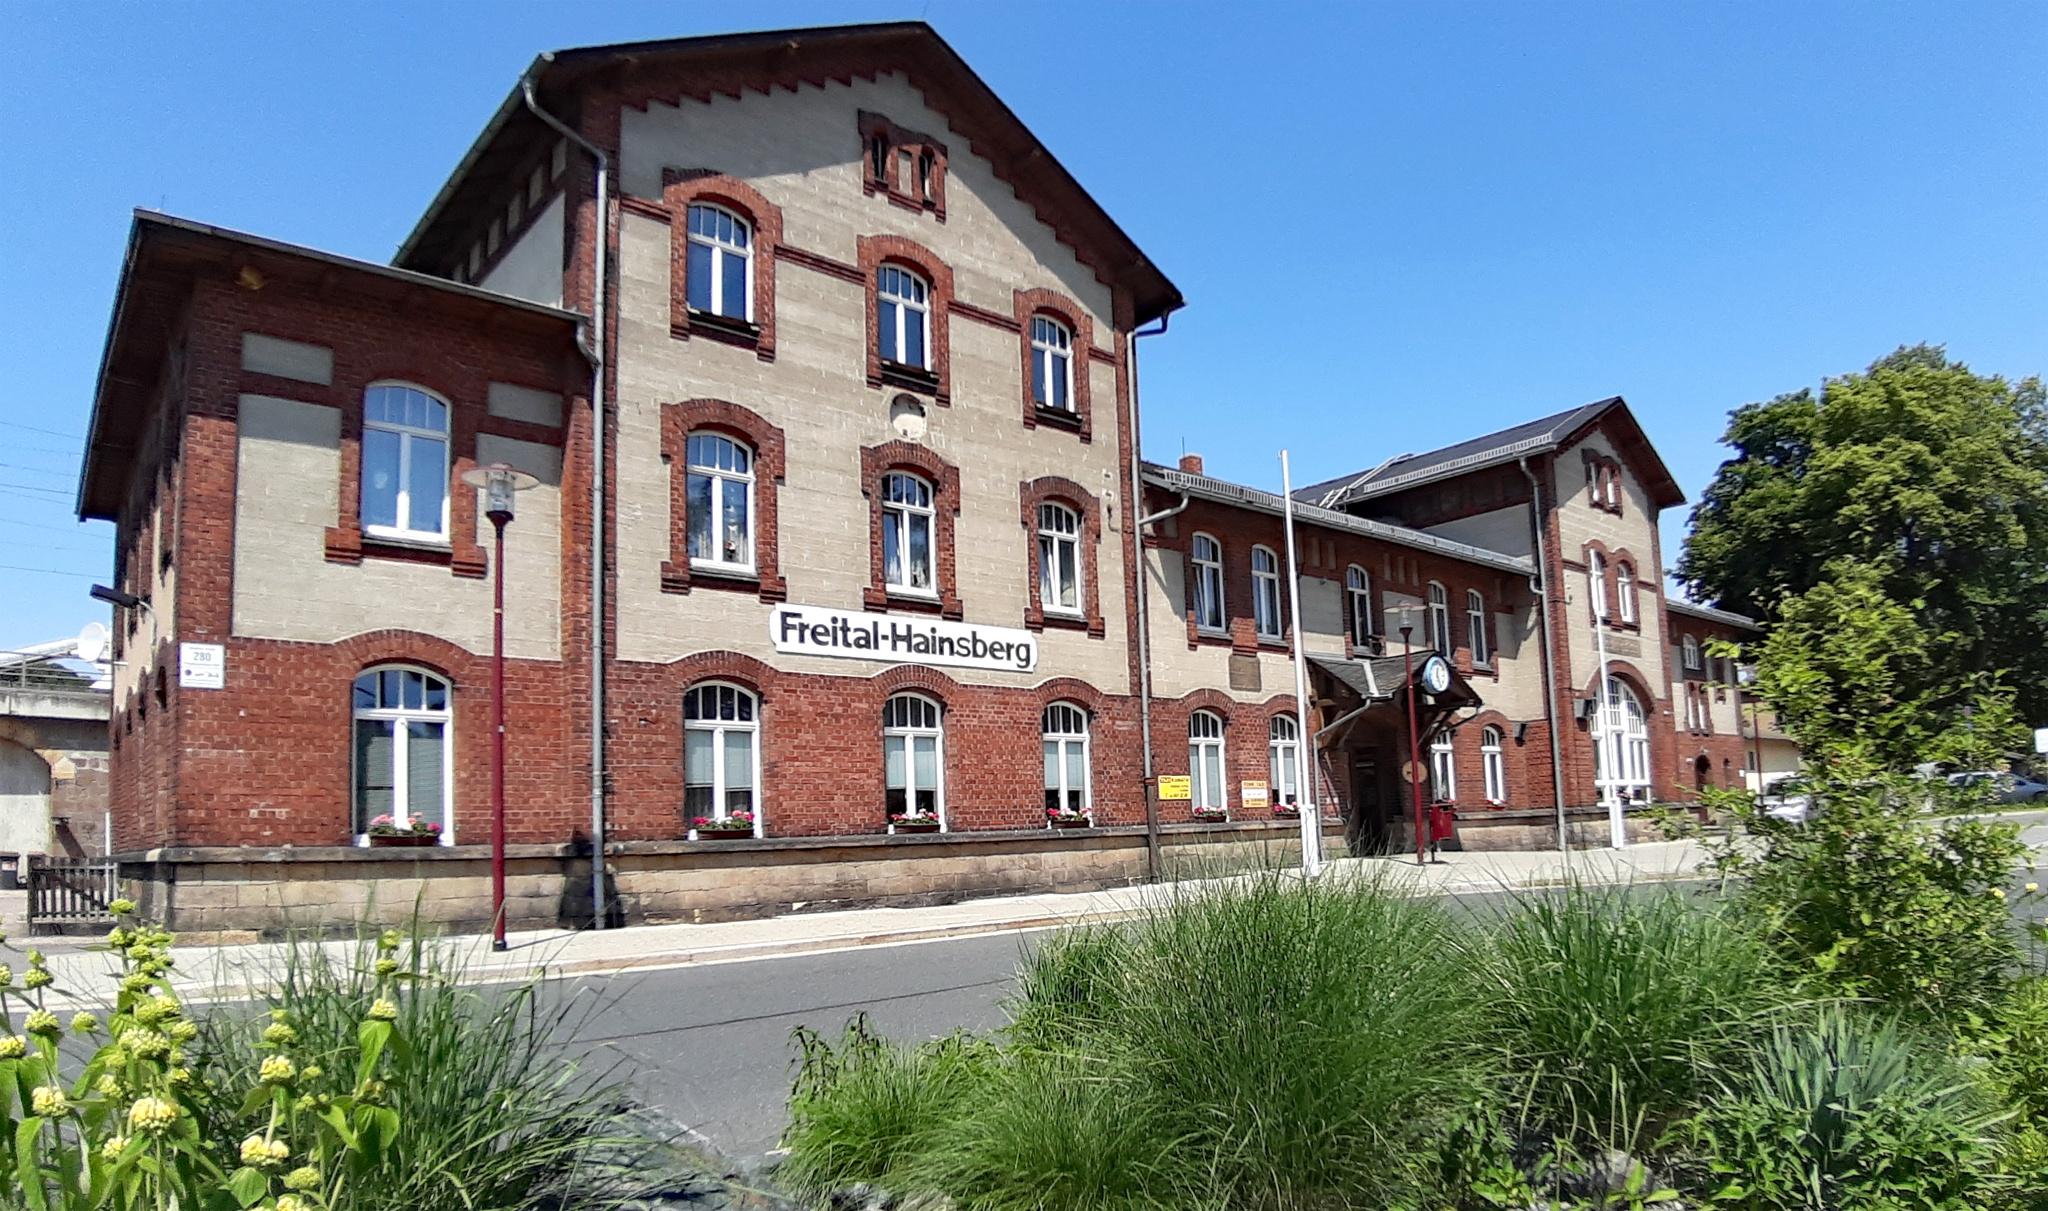 Freital-Hainsberg